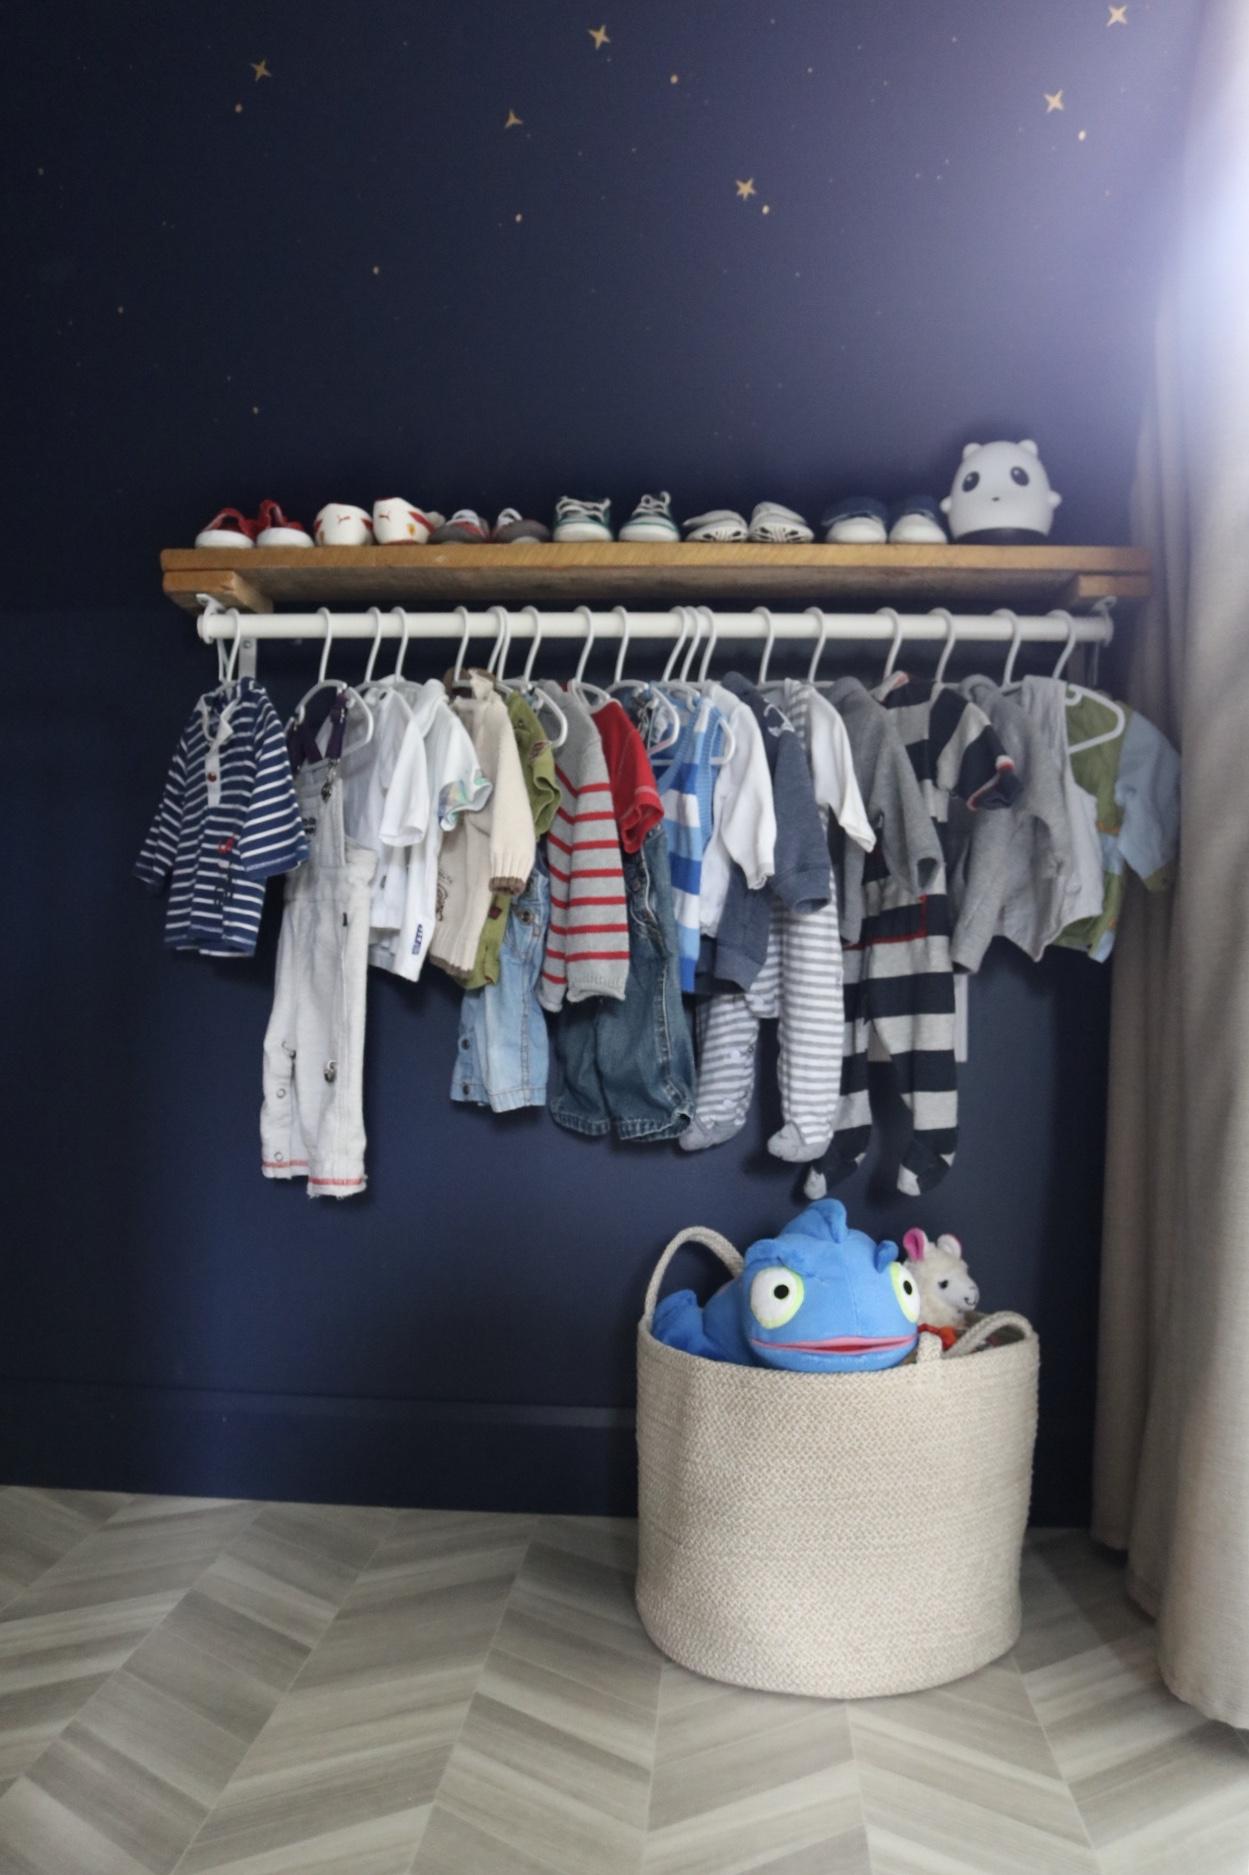 Réalisation design d'intérieur résidentielle La nocturne chambre bébé rangement ETC 2019